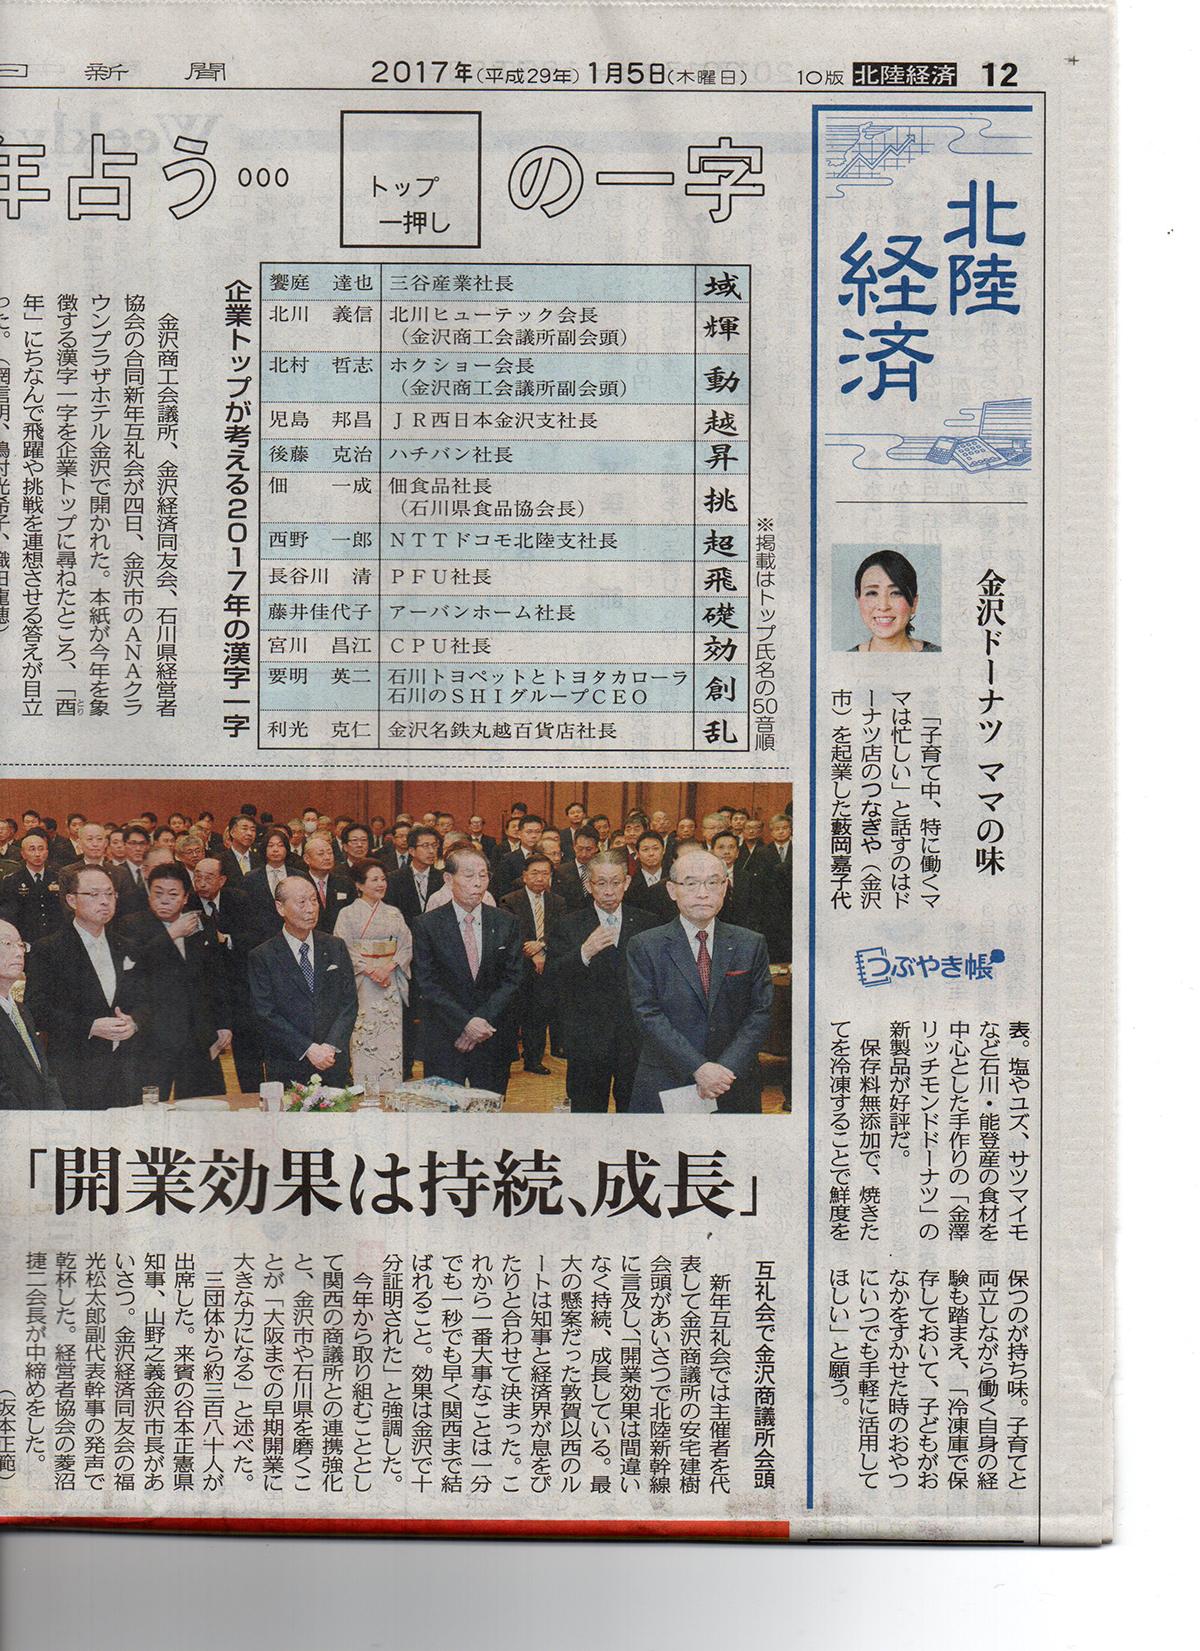 中日新聞経済欄で紹介されました。